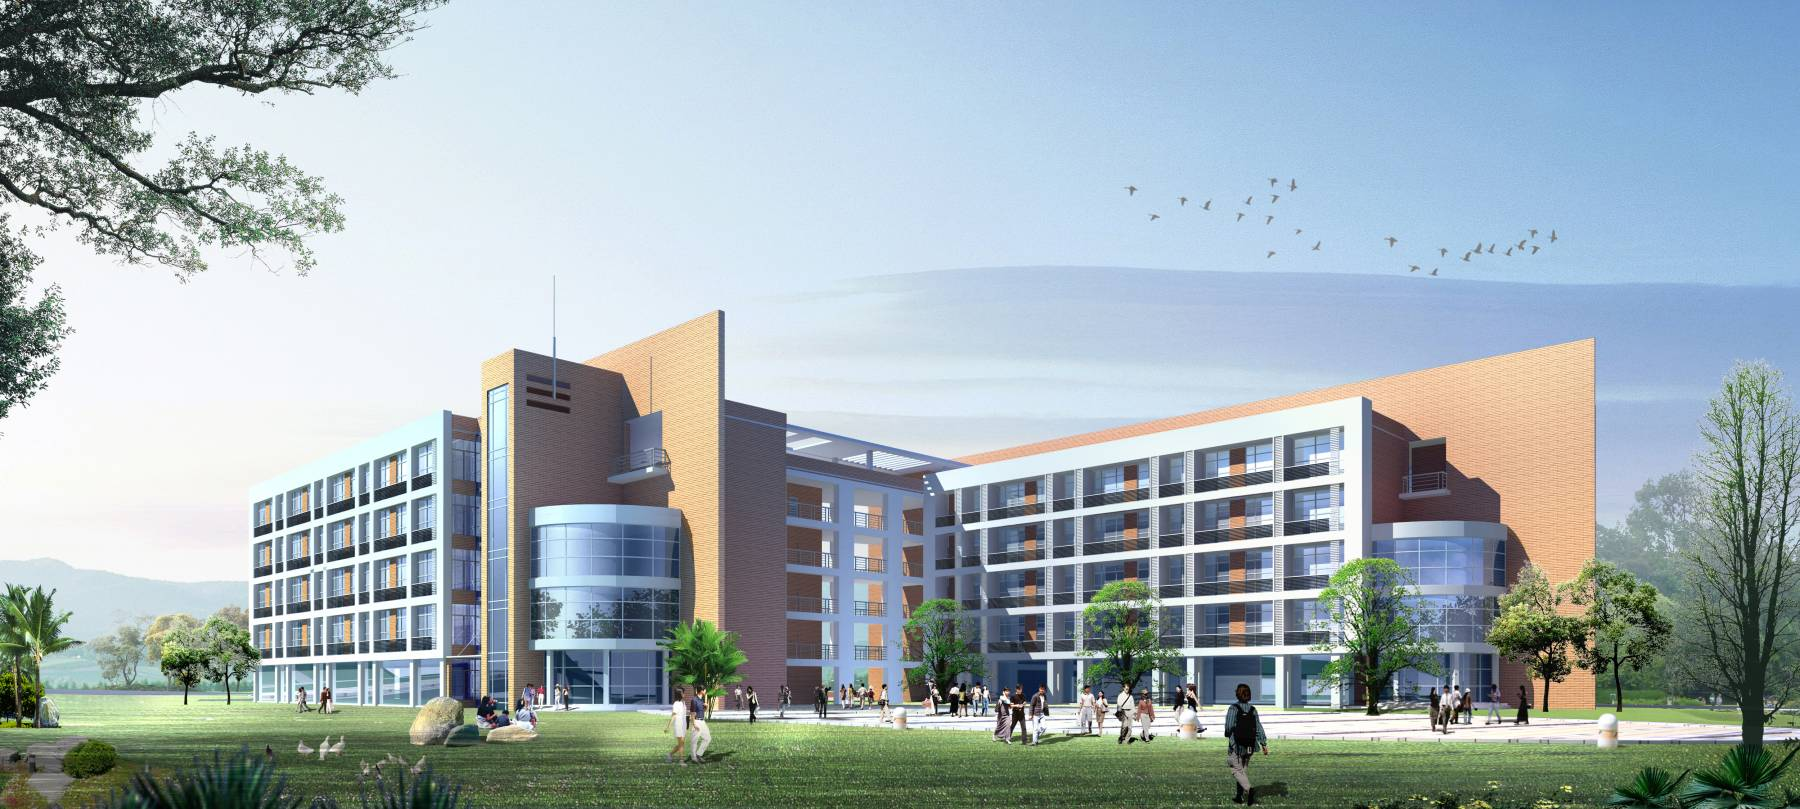 3dmax异形建筑_现代科技学校3dmax 模型下载-光辉城市